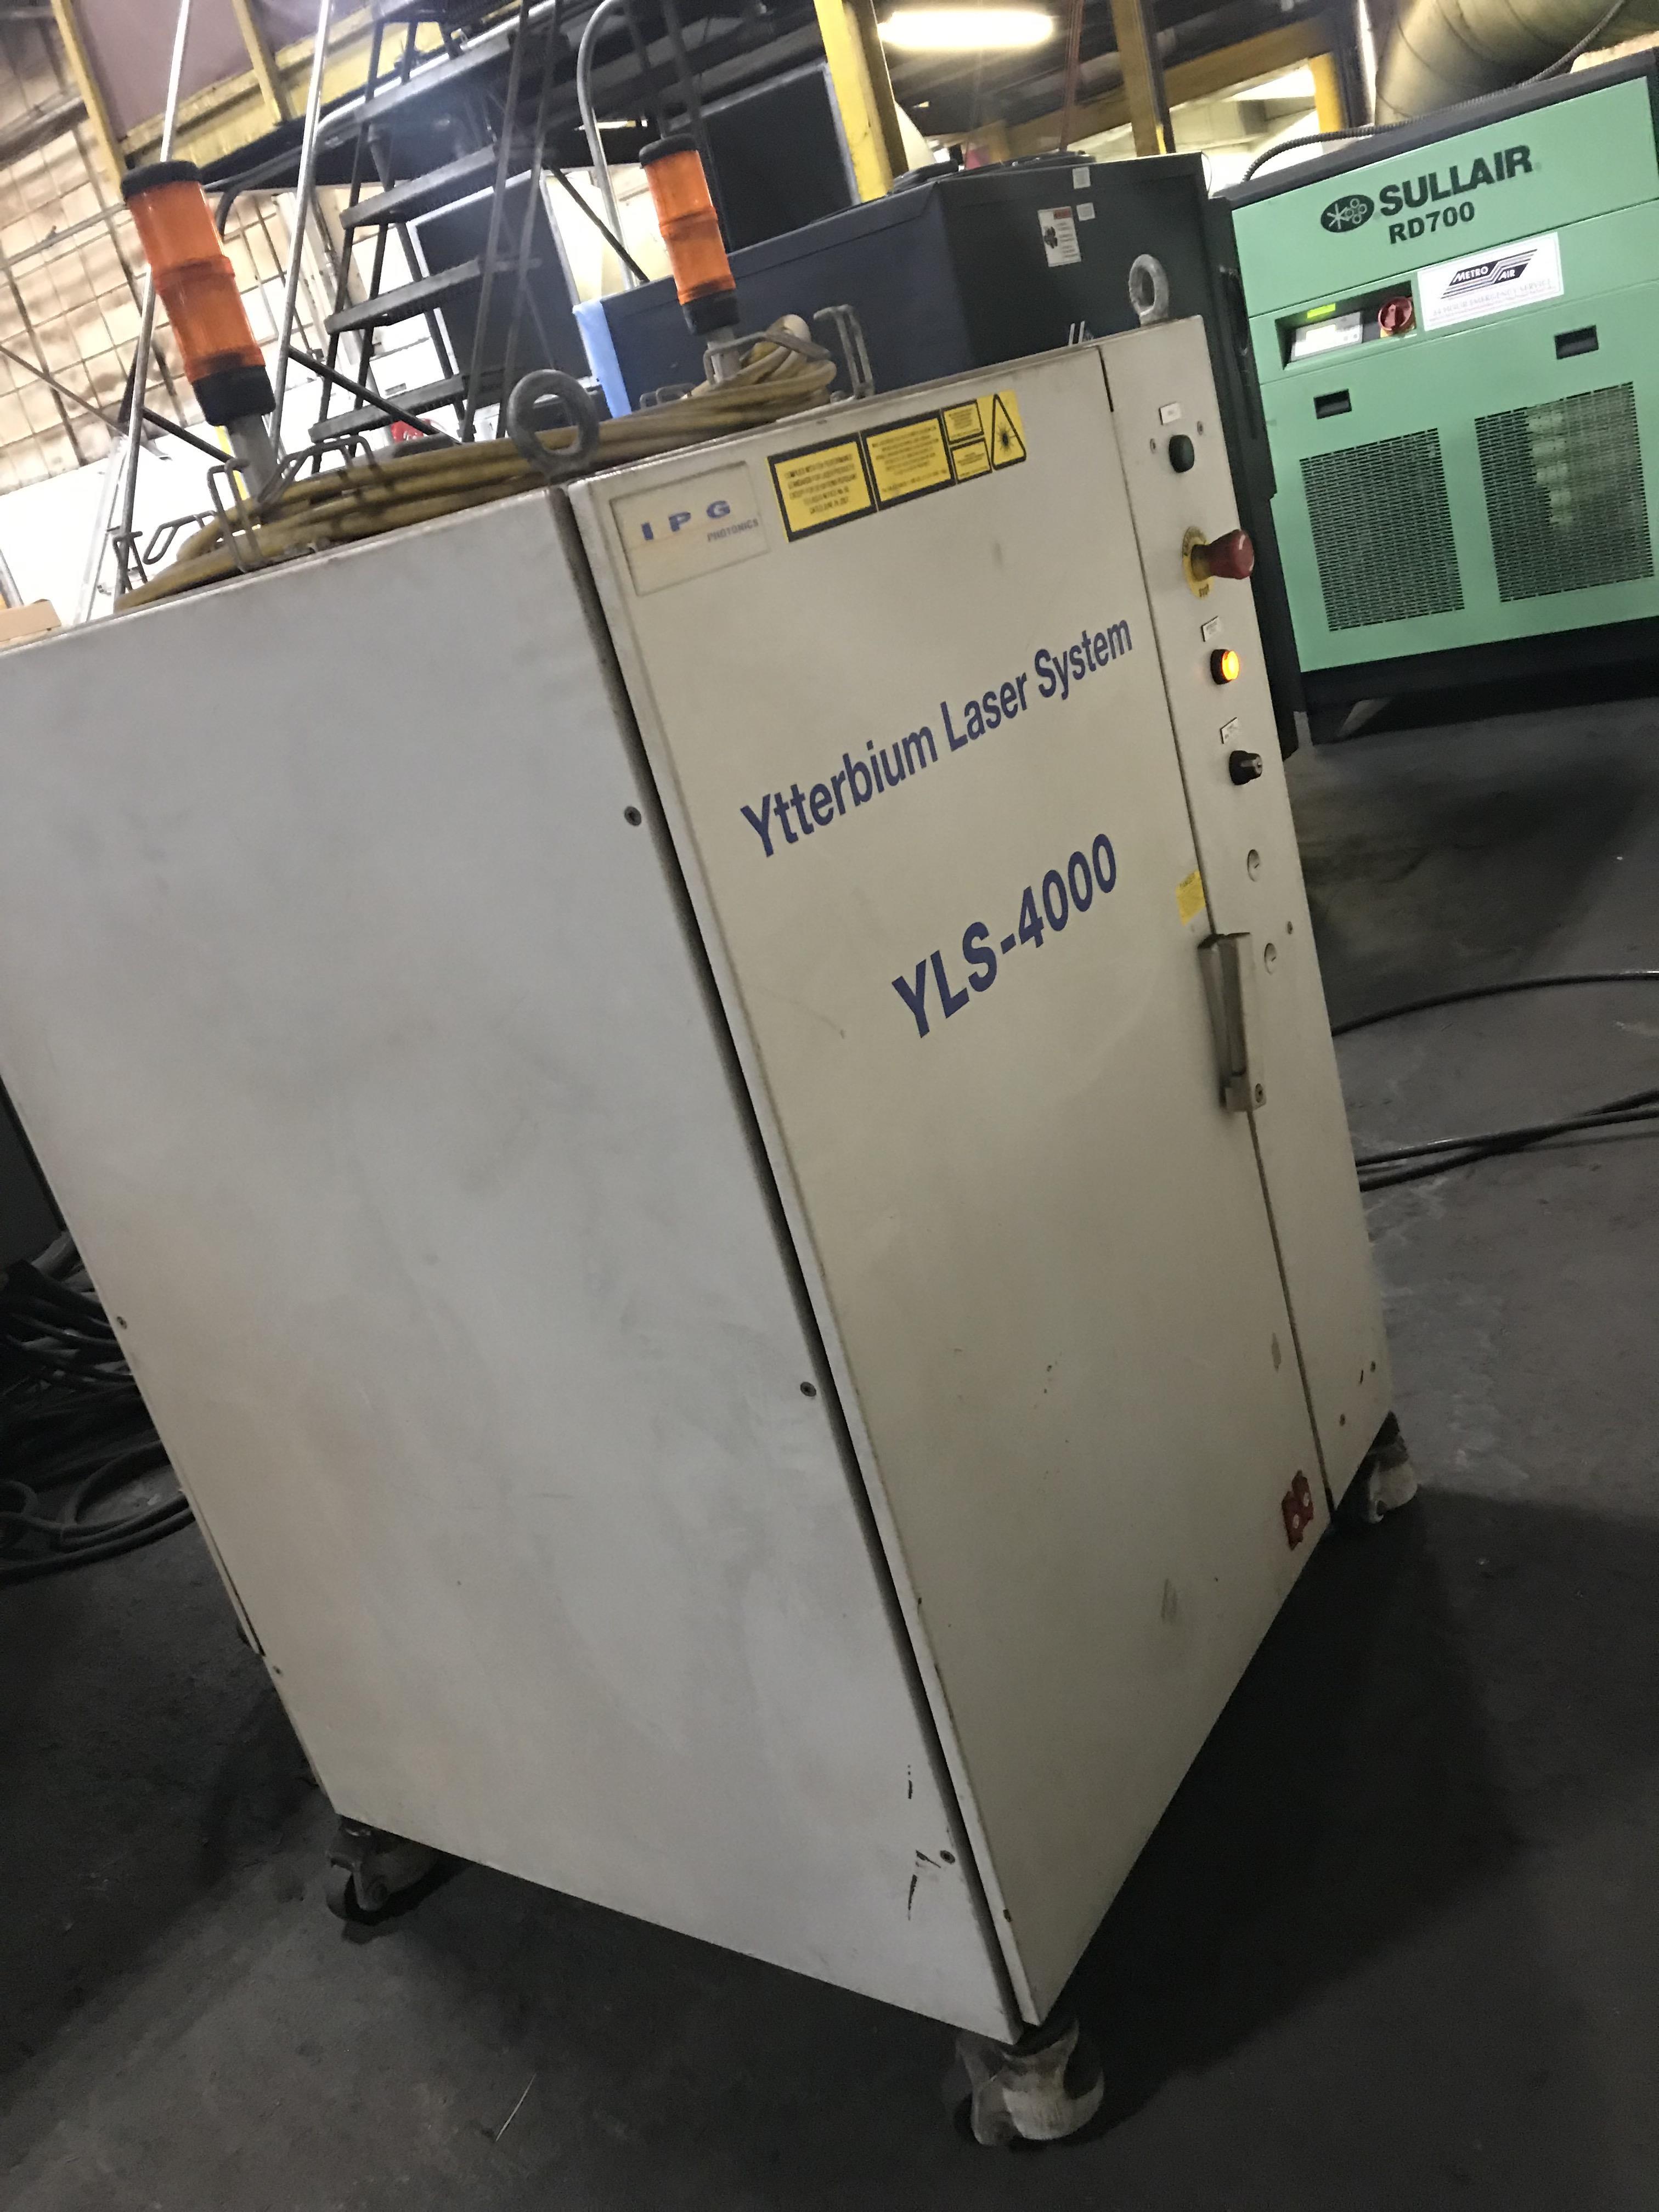 Cincinnati CL940 Fiber Laser, 4,000 Watt, 5' x 10' Dual Pallets, Chiller, Dust Collector, Low Hours - Image 3 of 7